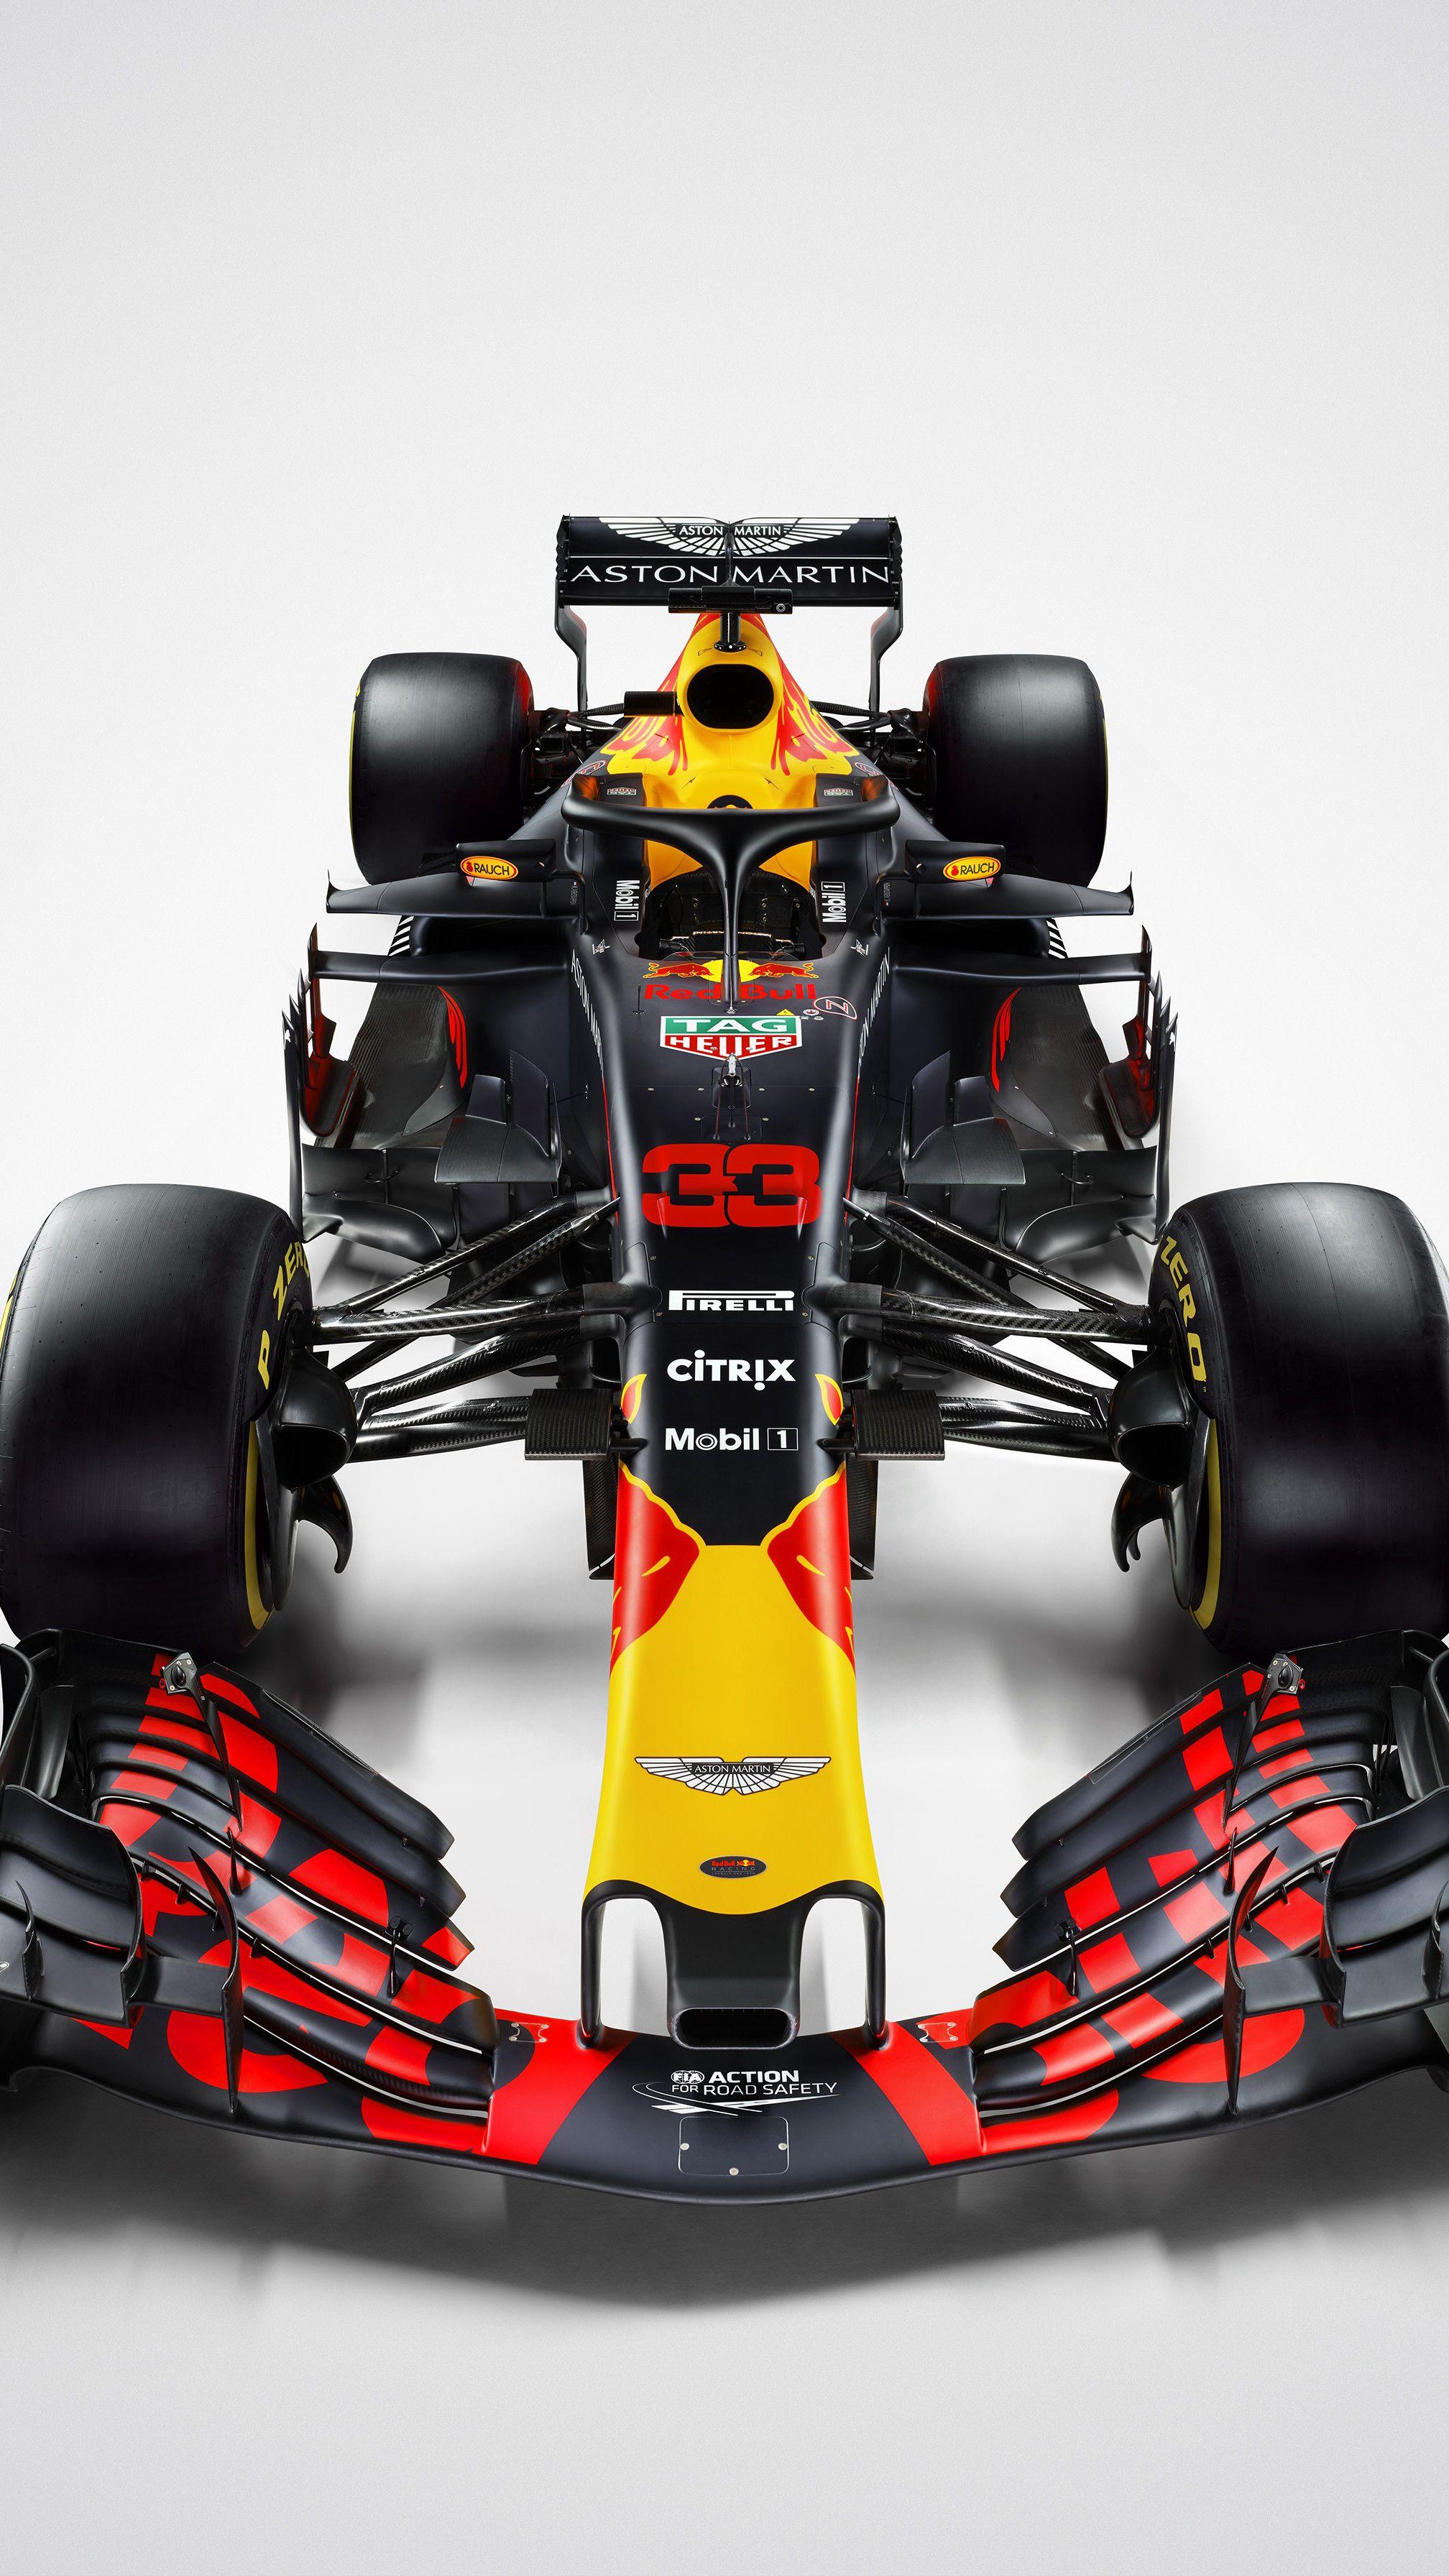 Red Bull Racing F1 Car Mobile Hd Wallpaper Red Bull F1 Red Bull Racing Racing [ 3585 x 2016 Pixel ]